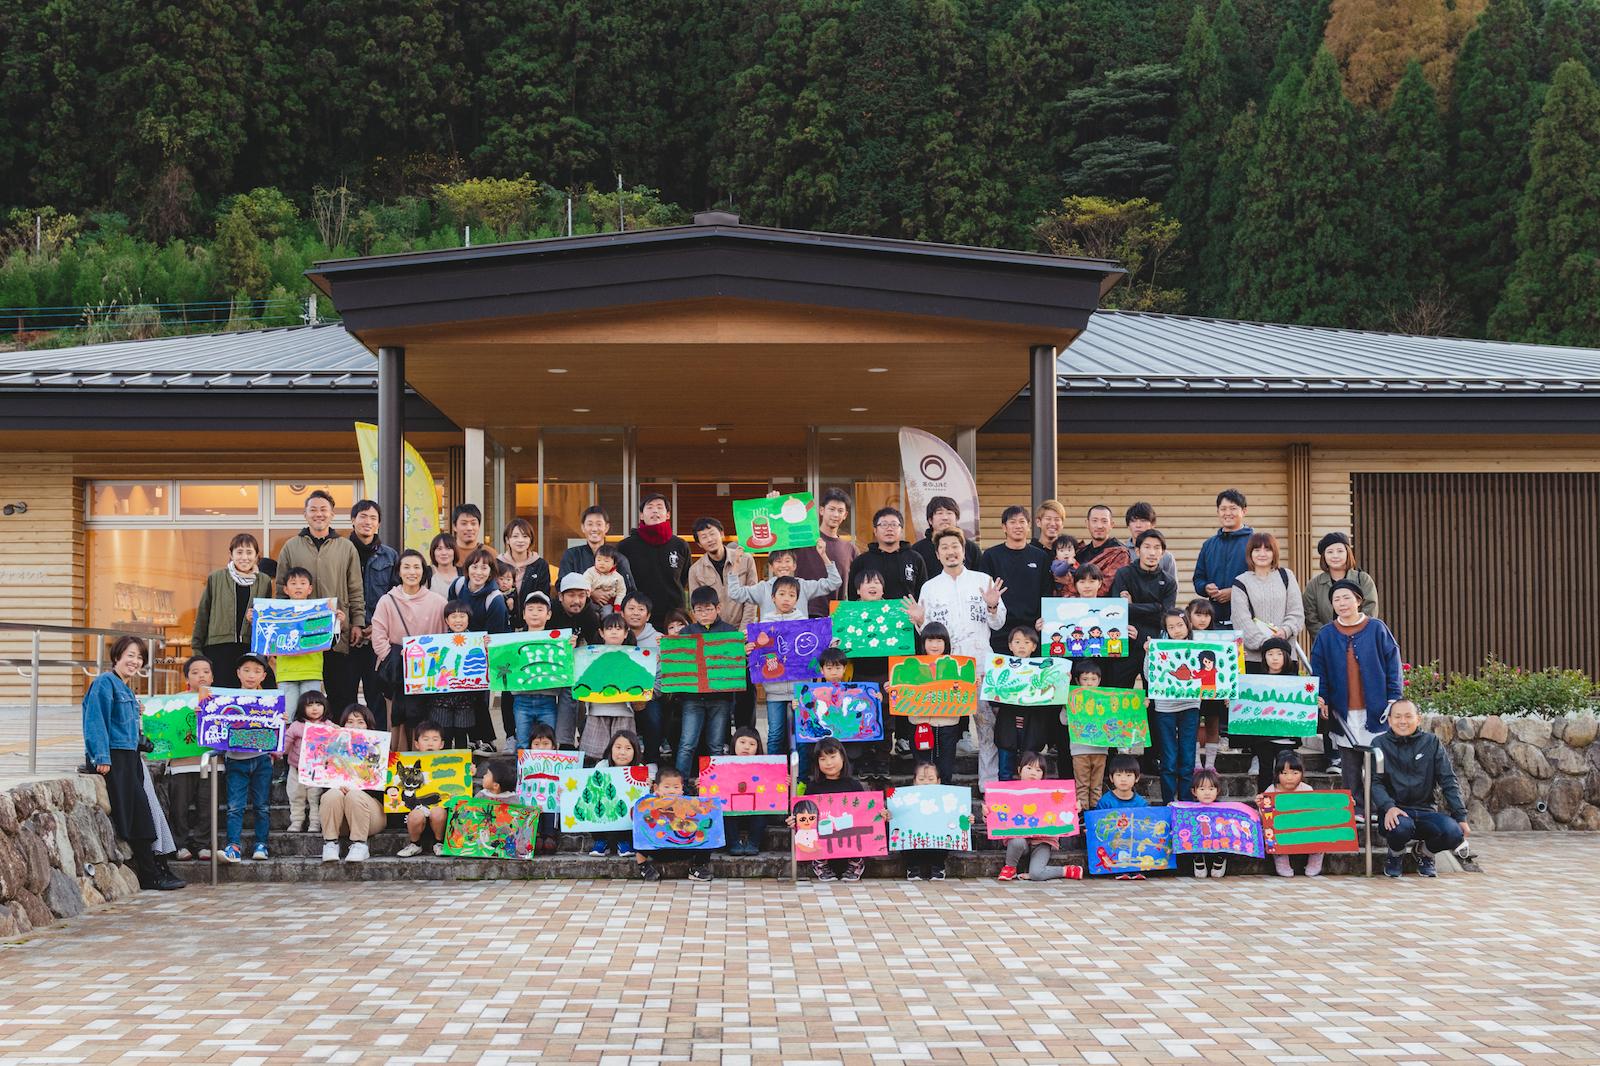 お絵描きイベントに参加した地域の子どもたちとグリーンレタープロジェクトの皆さん